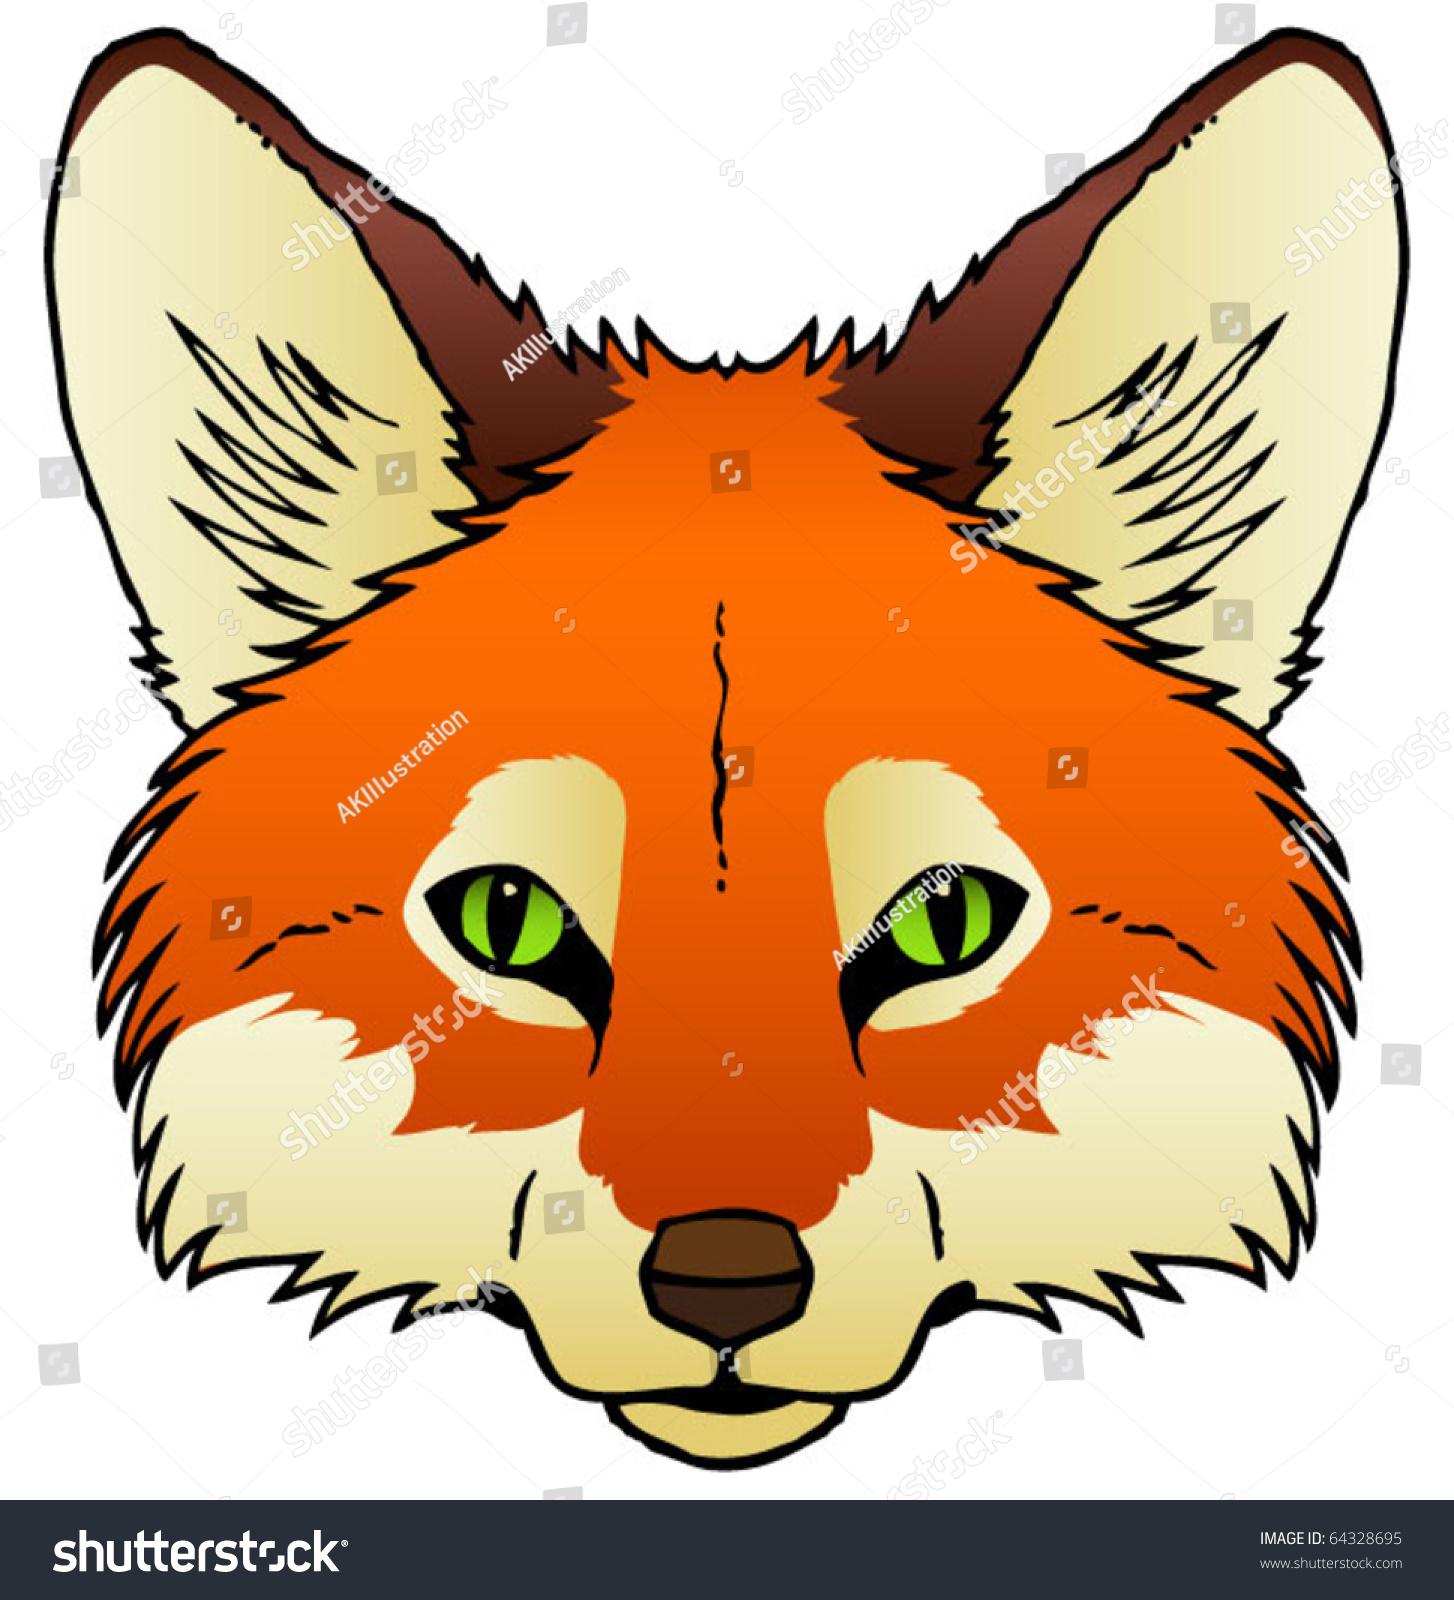 Cute cartoon fox face - photo#6